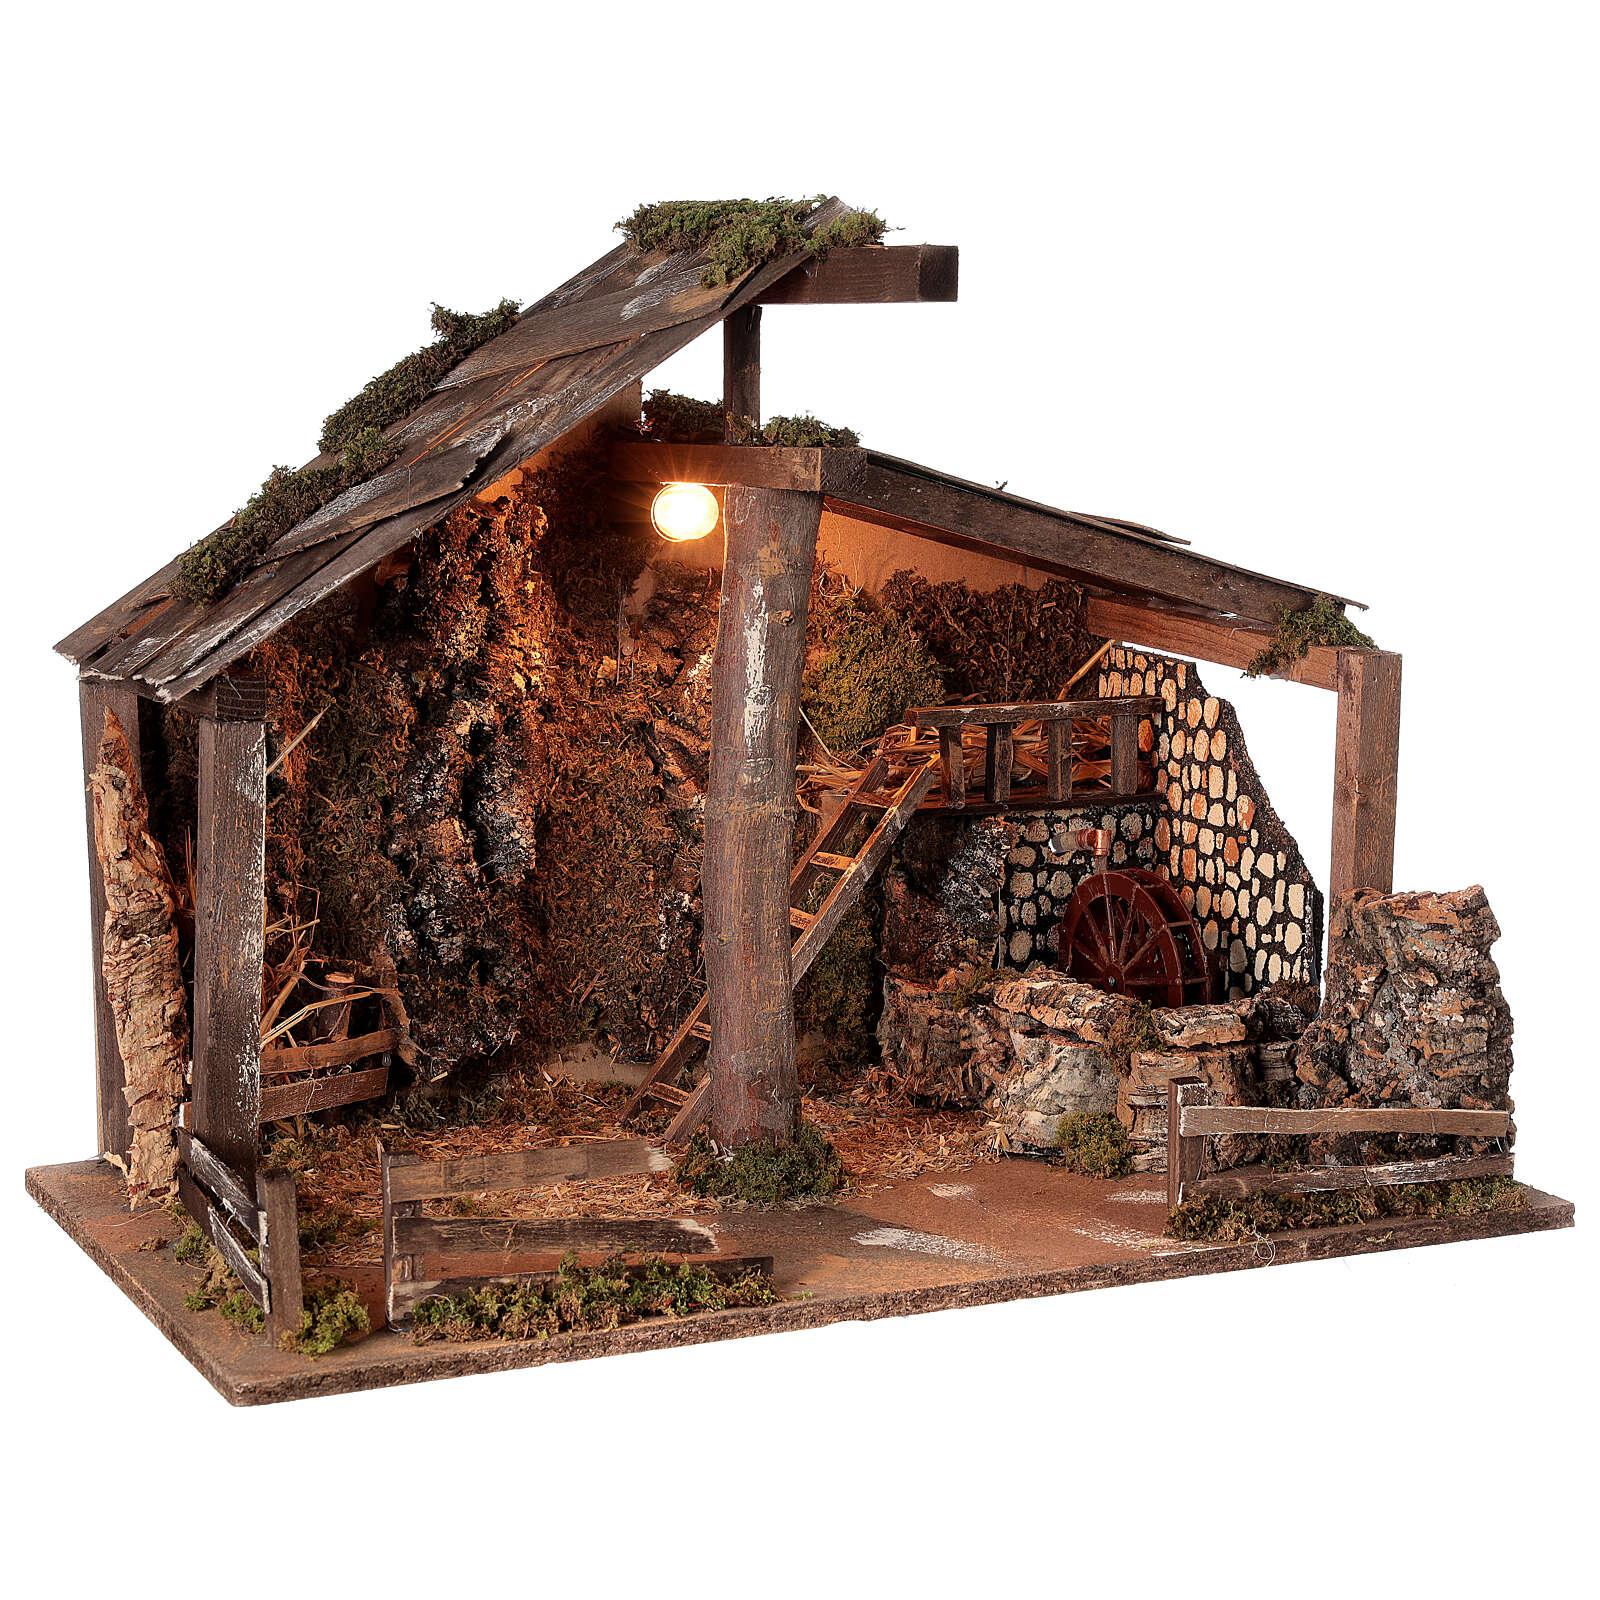 Cabana Natividade de Jesus com moinho de água para presépio com figuras de altura média 14-16 cm; medidas: 44x60x34 cm 4